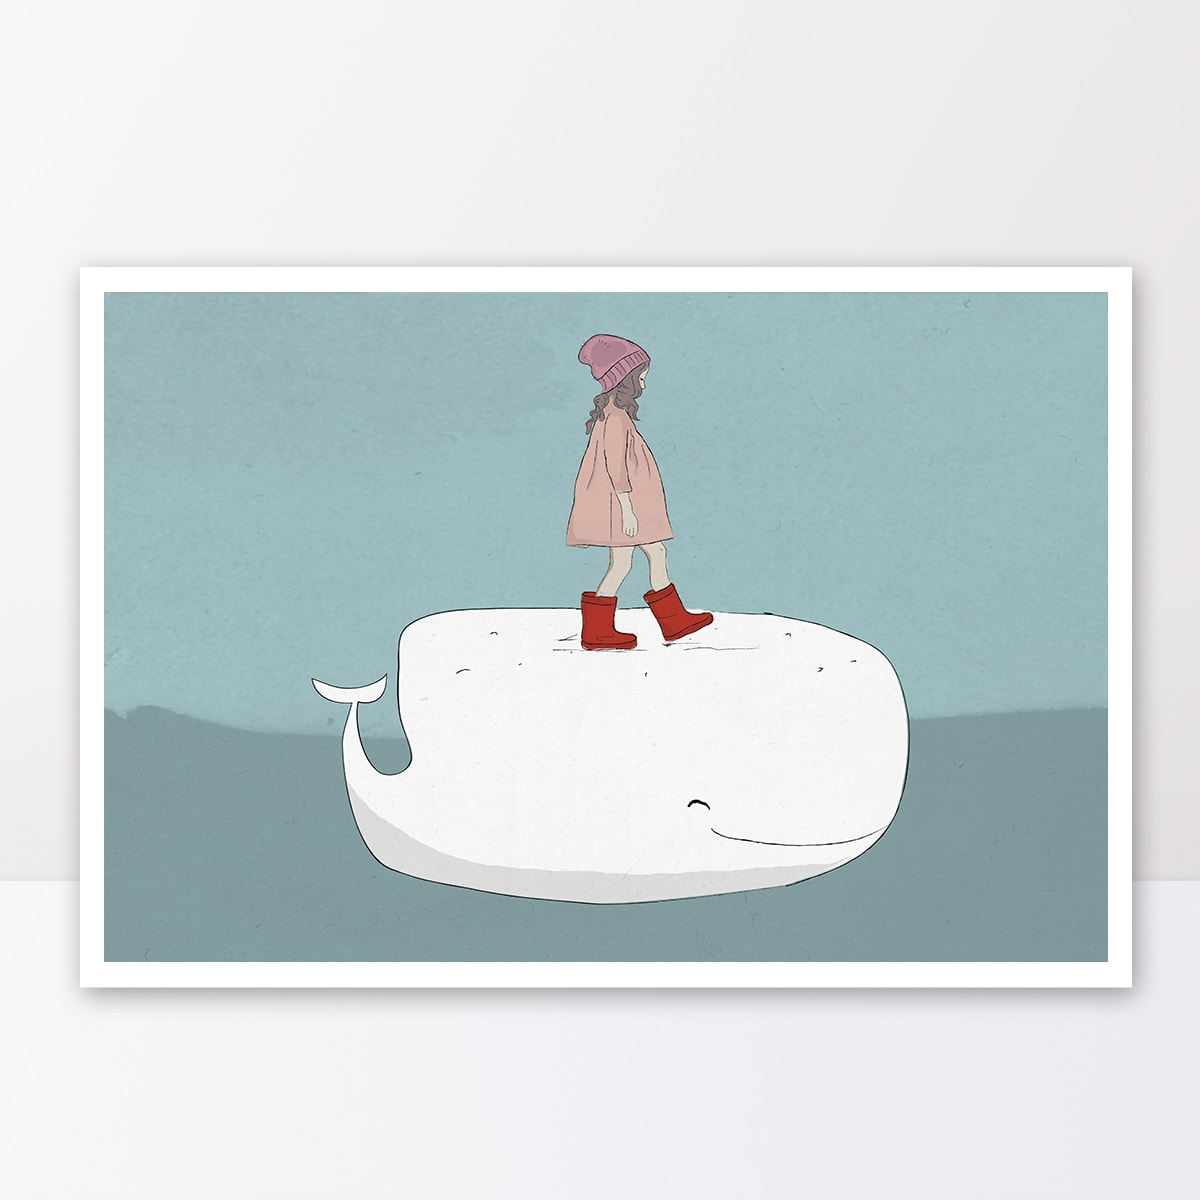 תמונה לחדר ילידם ילדה מפליגה על לוייתן